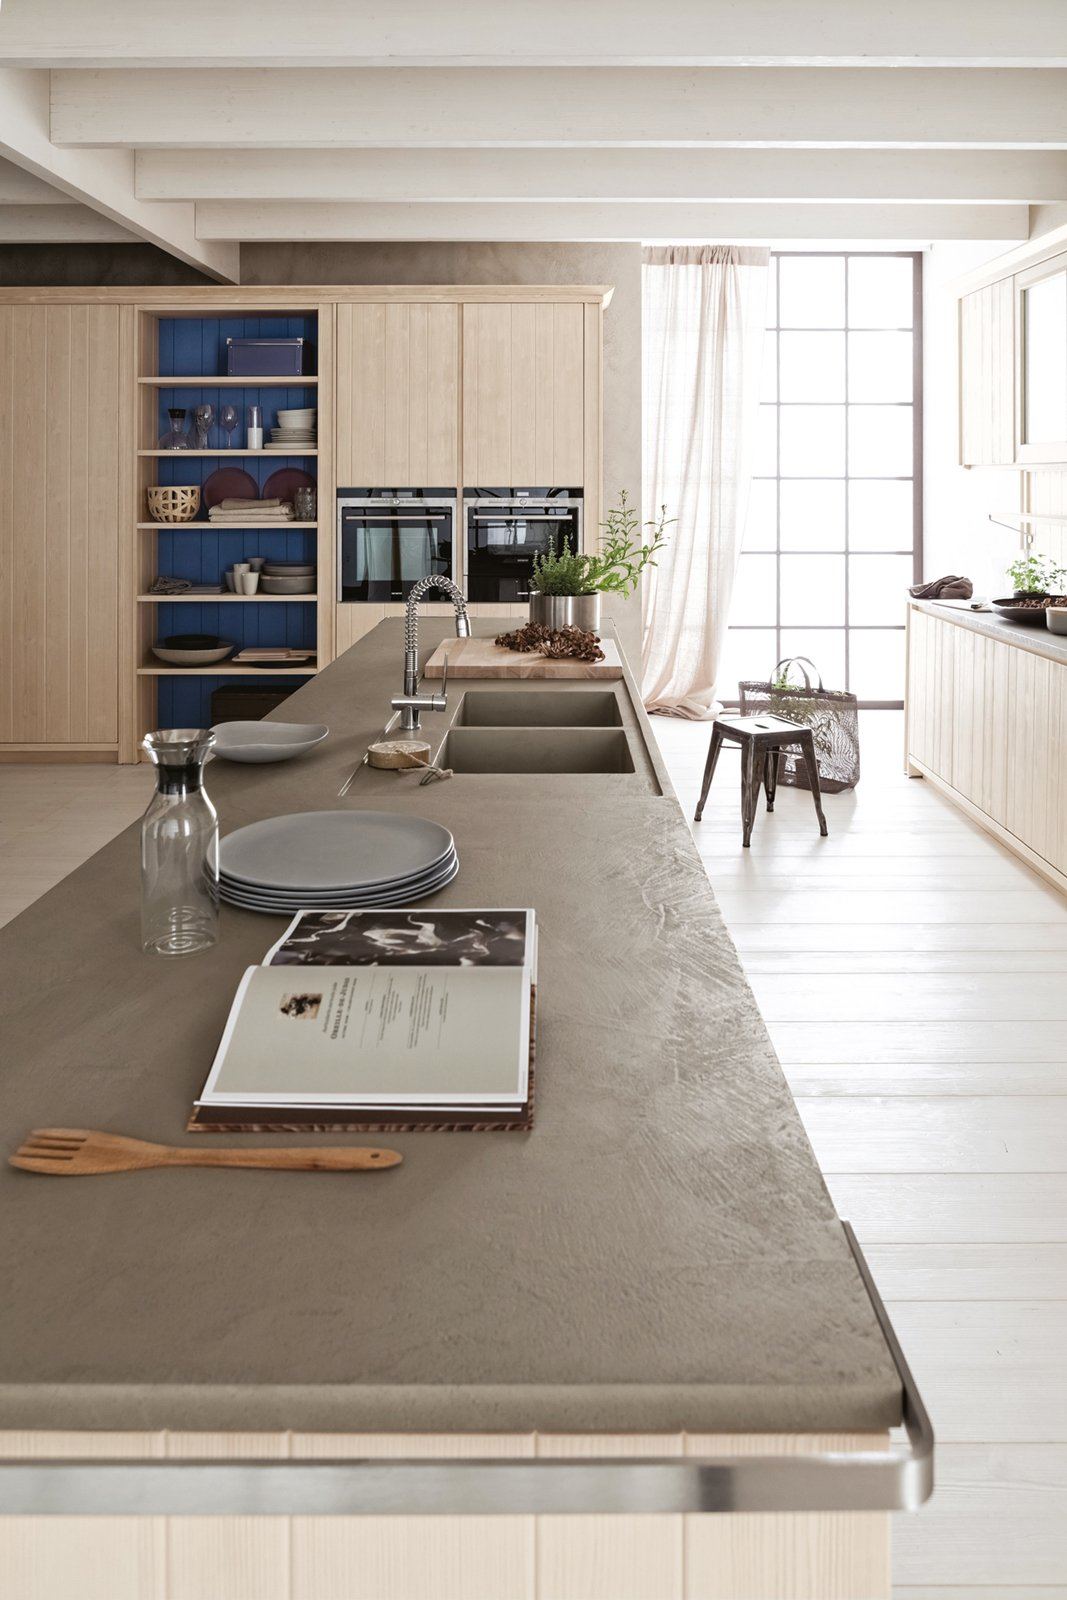 Cucine con grandi piani di lavoro cose di casa for Piani di casa con archiviazione rv